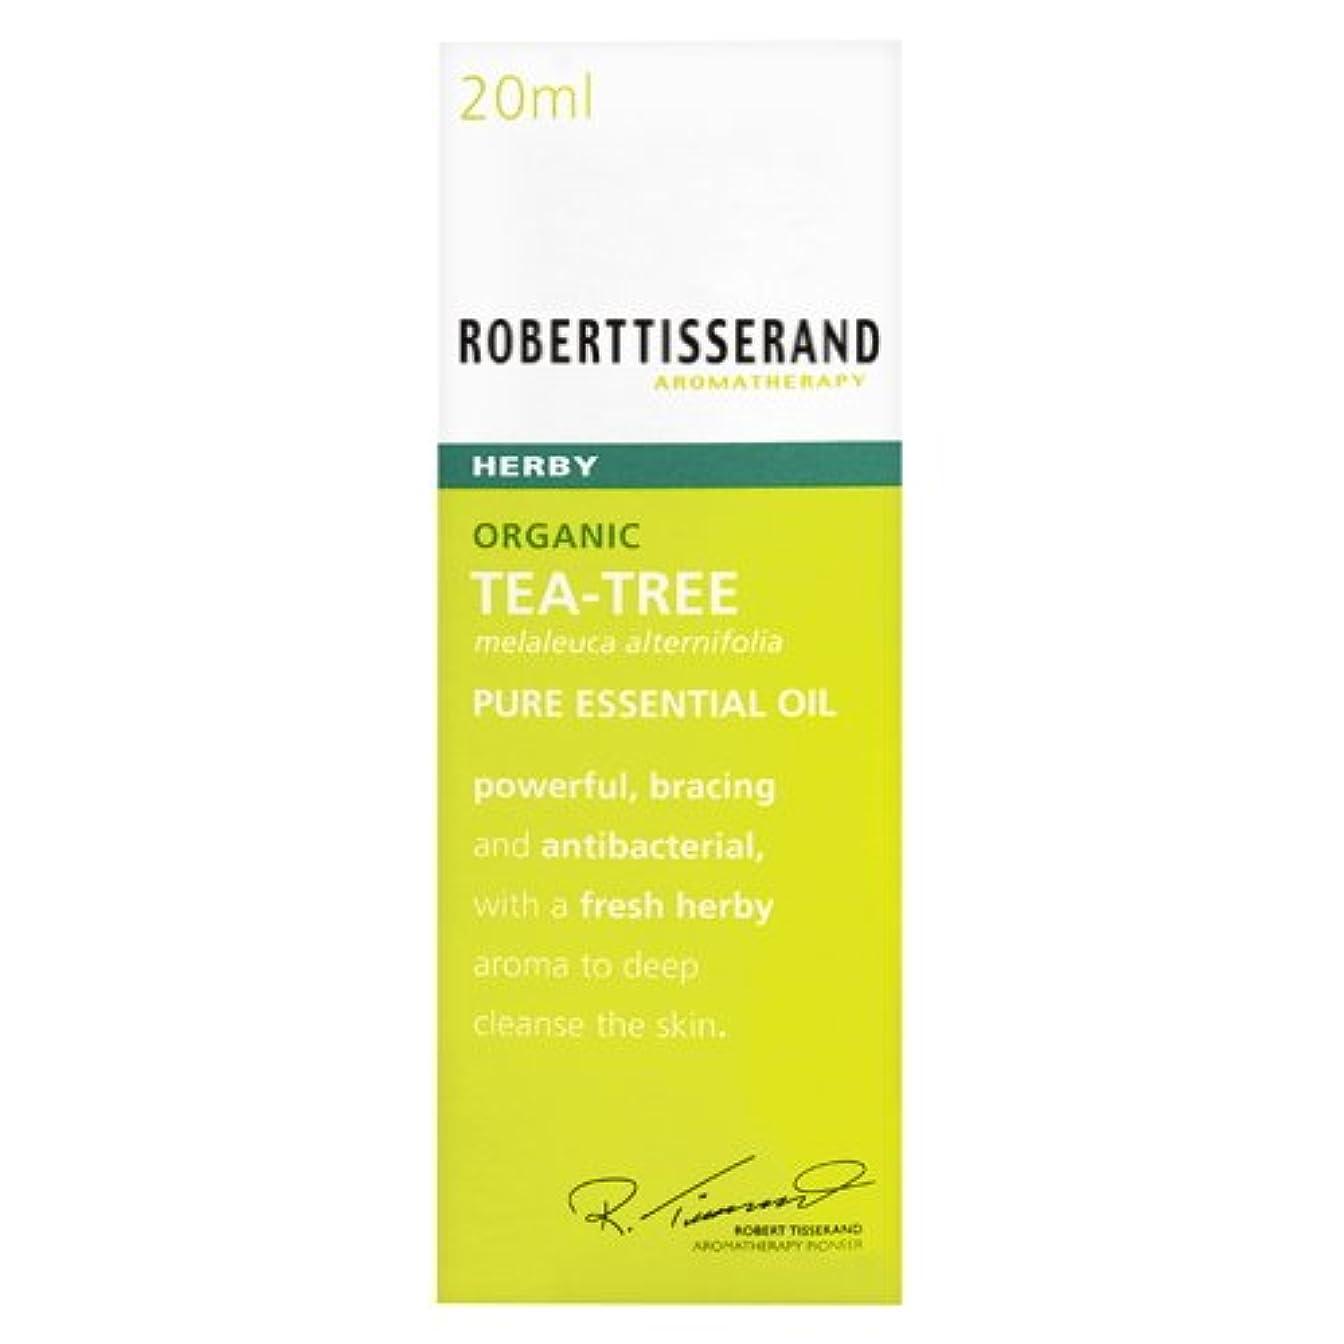 血色の良い財団略語ロバートティスランド 英国土壌協会認証 オーガニック ティーツリー(ティートリー) 20ml